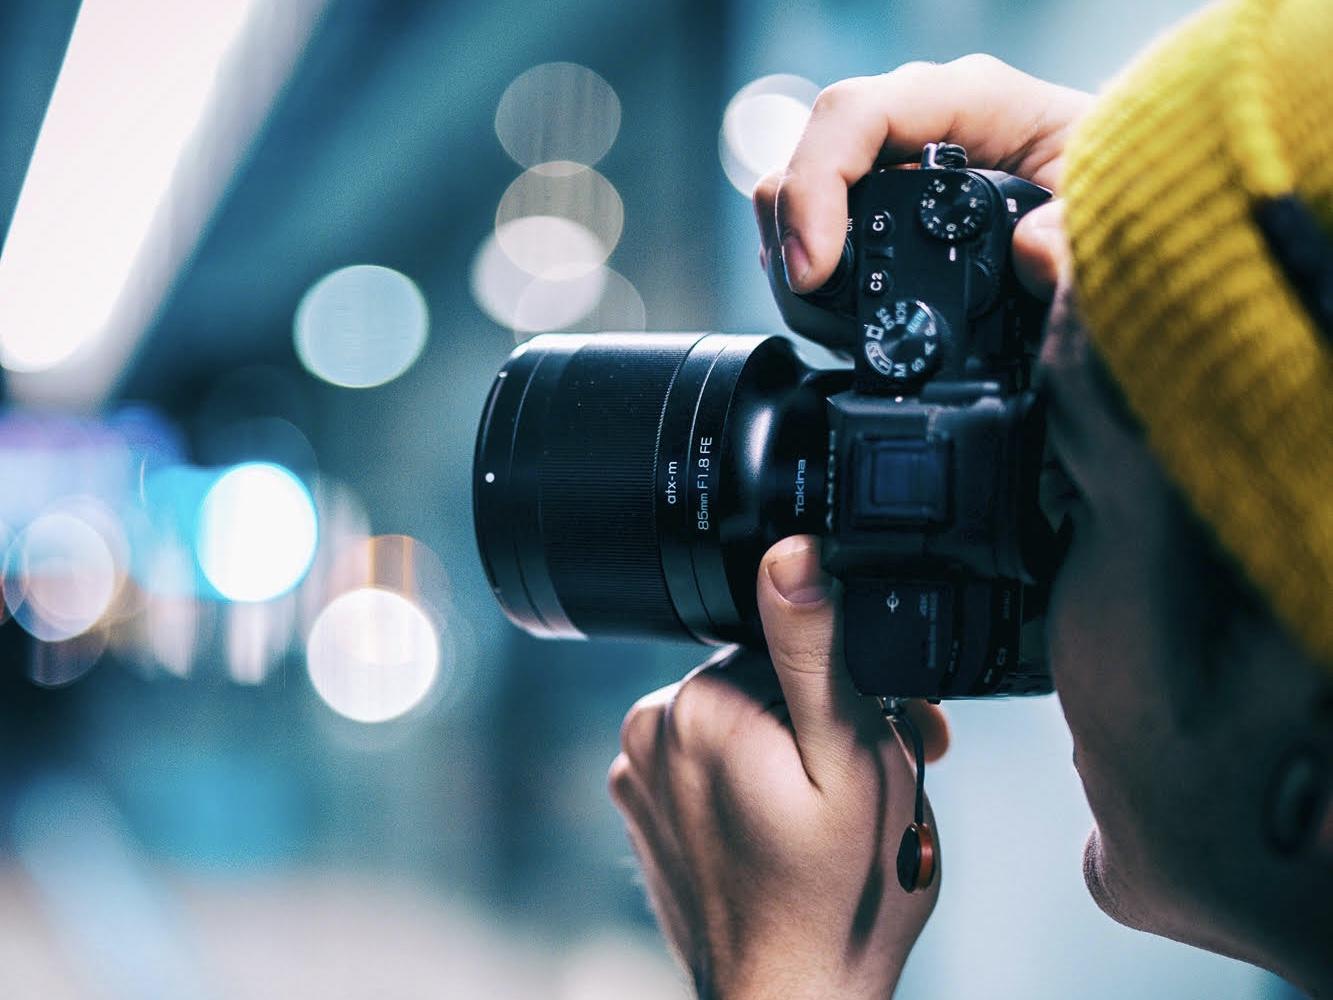 Tokina ra mắt ống kính 85mm F1.8 FE dành cho máy ảnh Sony full-frame tokina ra mat ong kinh 85mm f18 fe danh cho may anh sony fullframe Binhminhdigital 1